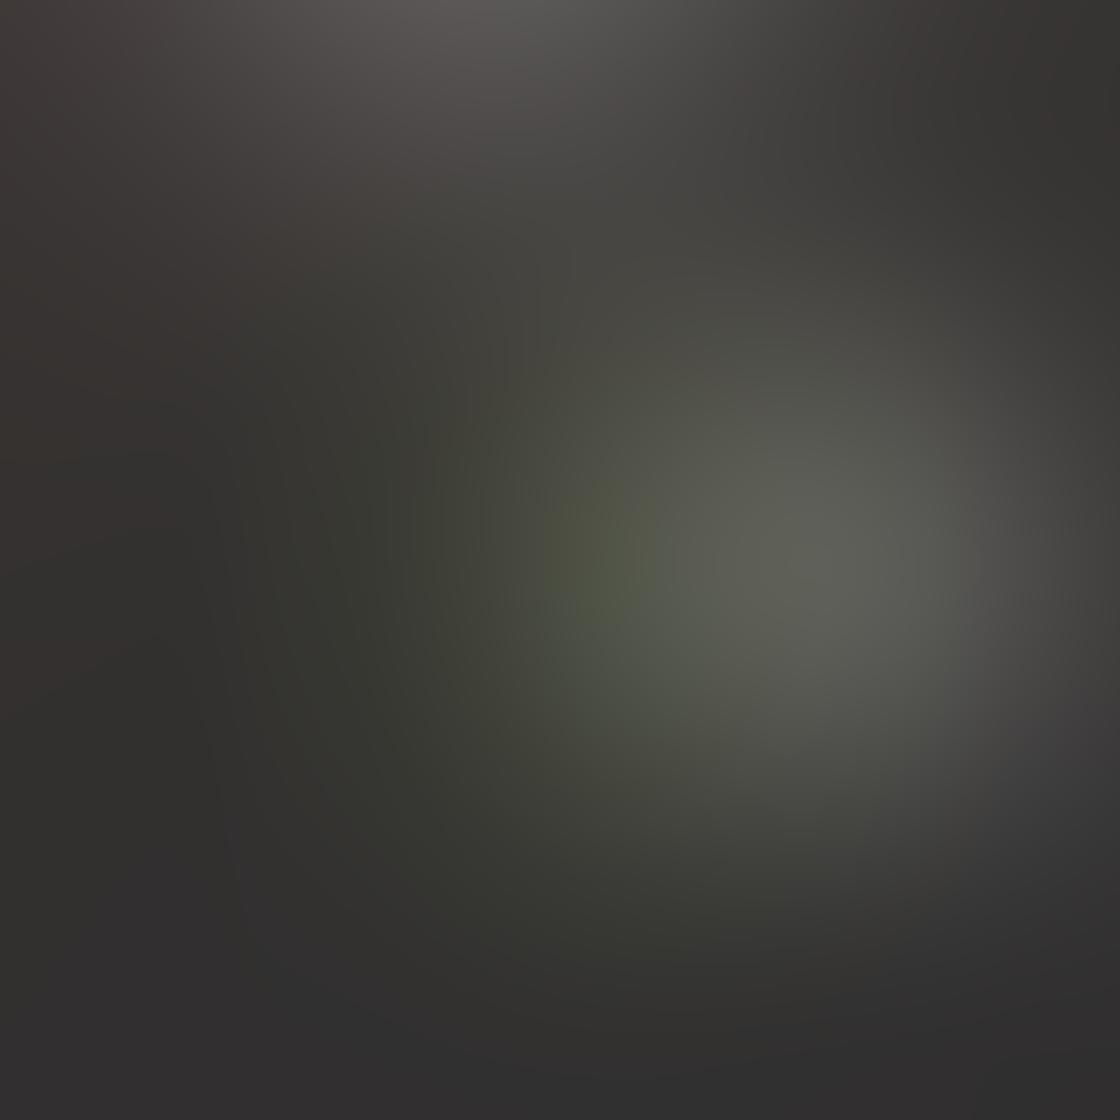 iPhone Empty Space Photo 5